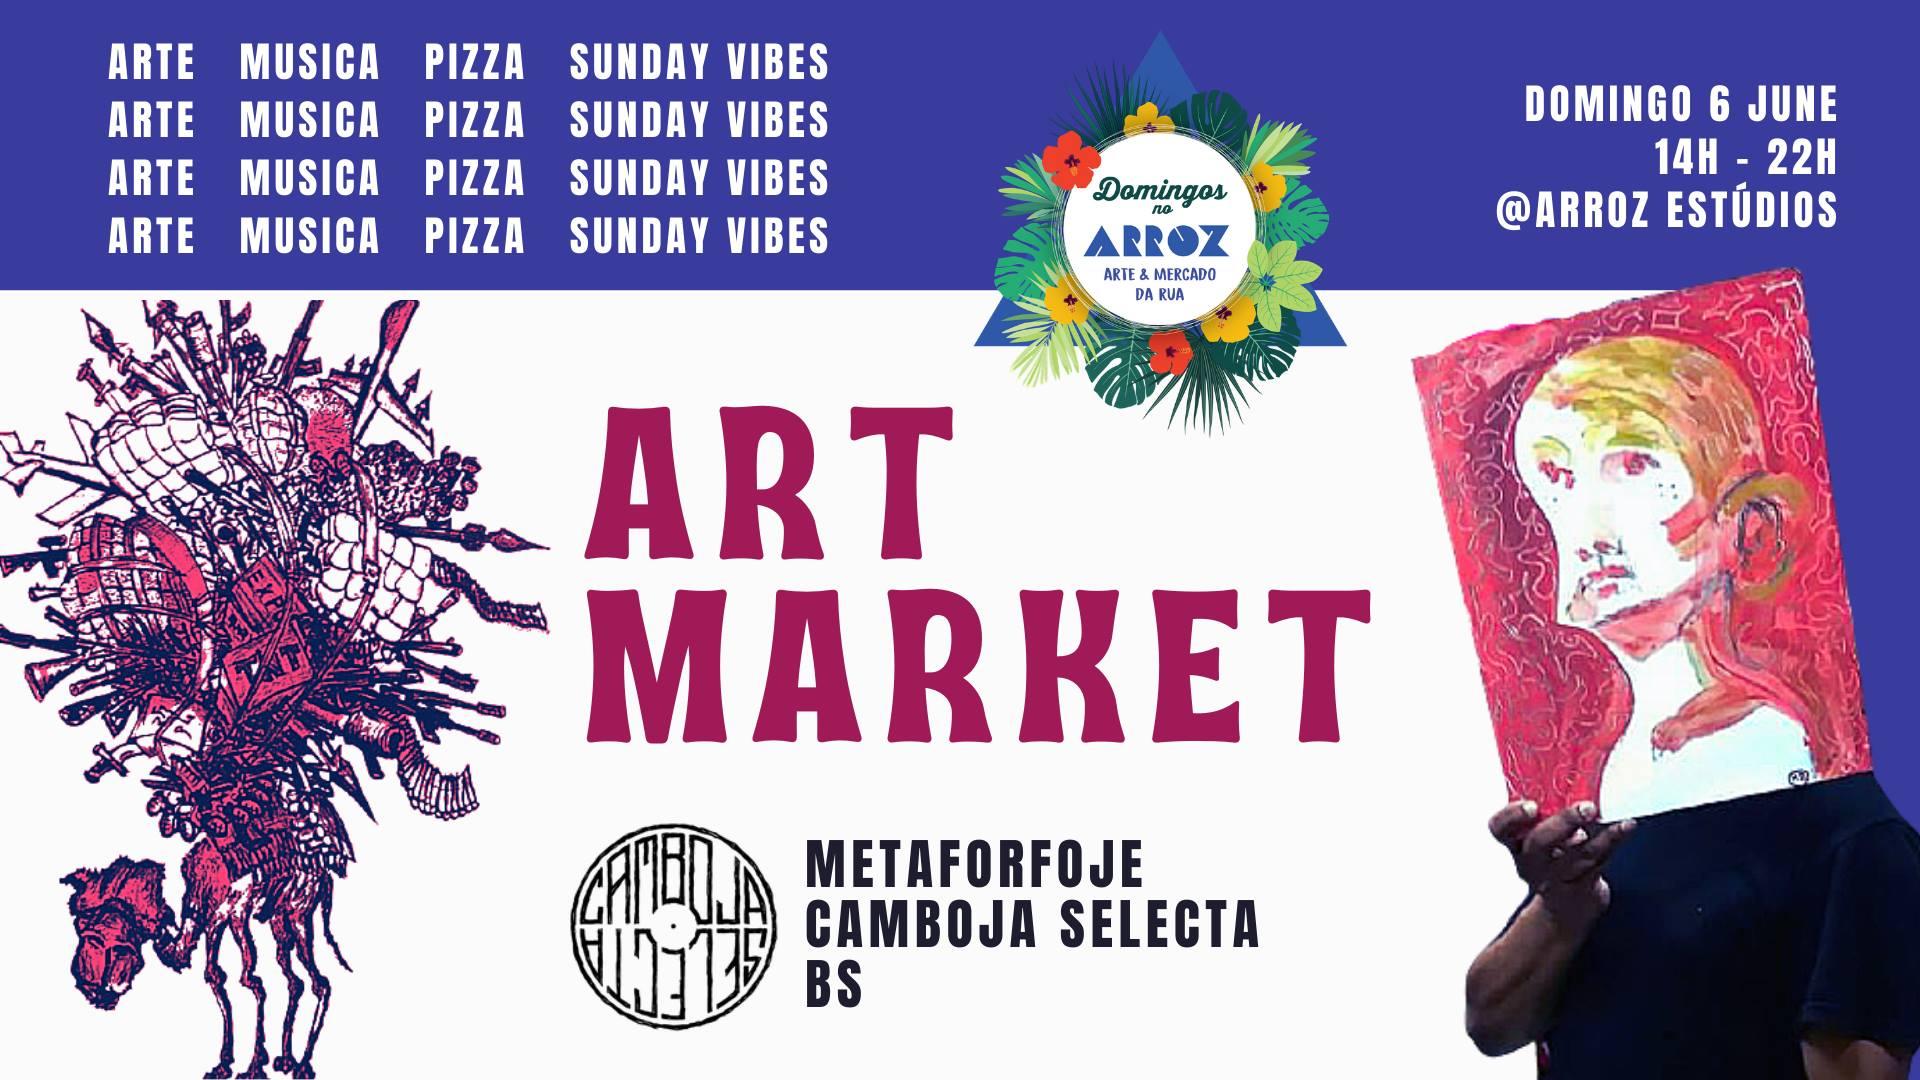 Mercado de Arte I Domingos no Arroz